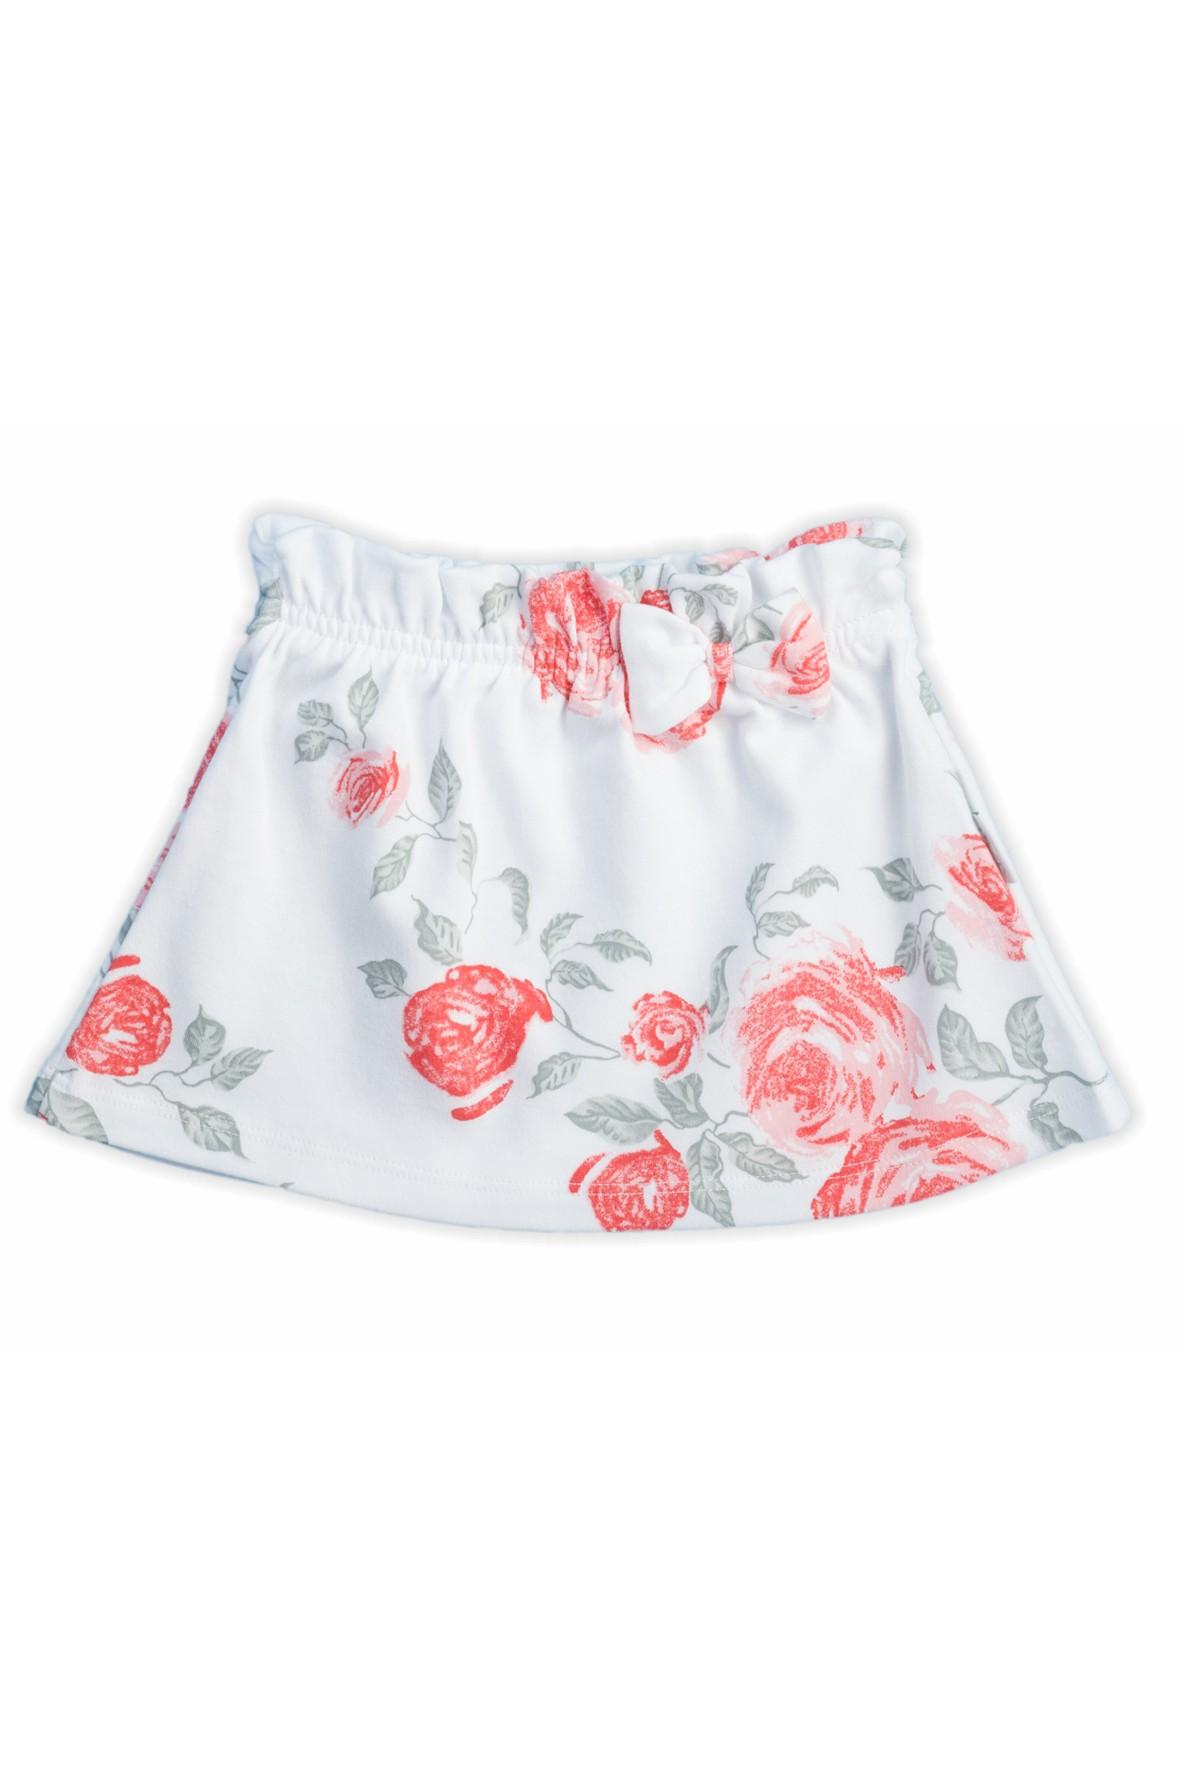 Bawełniana spódniczka z kolekcji Róża